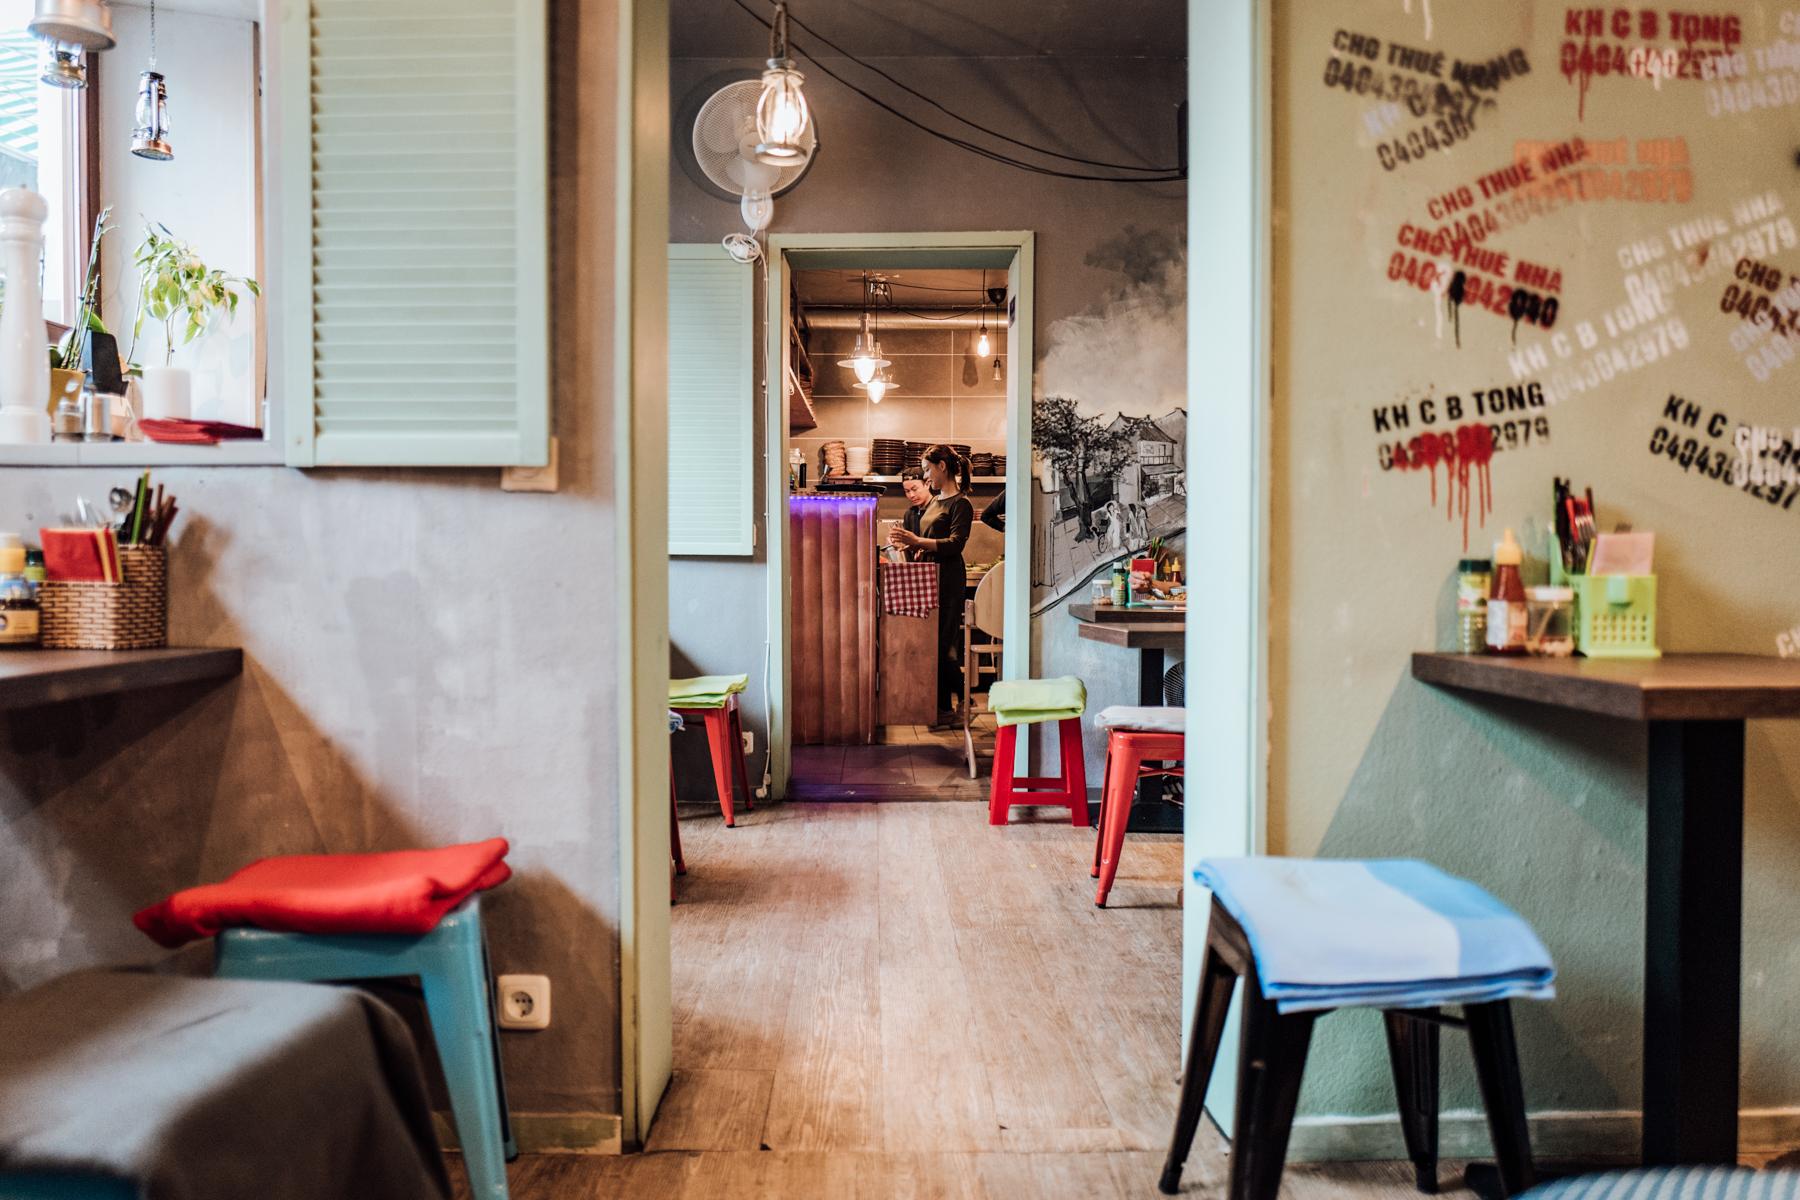 geheimtipp Hamburg St Georg Essen & Trinken Restaurant Pho & Rice Lisa Knauer 10